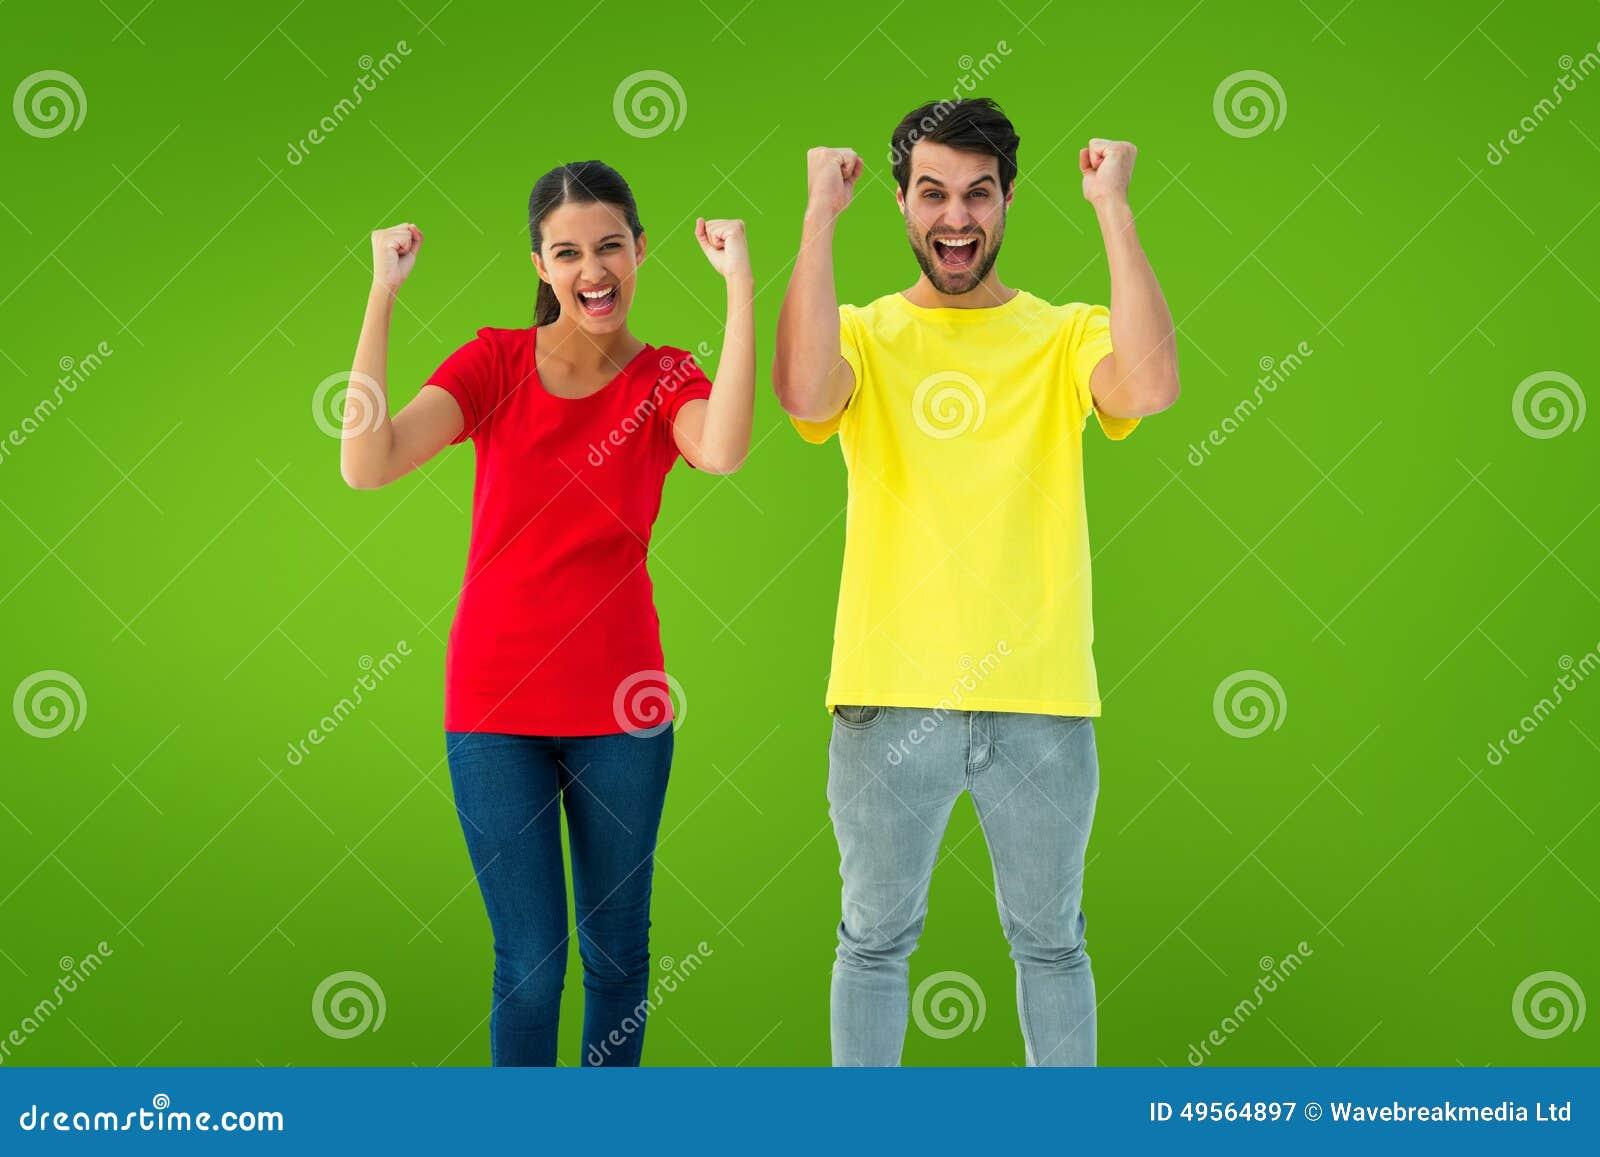 f35e2778e280 Συγκινημένο ζεύγος ενθαρρυντικό στις κόκκινες και κίτρινες μπλούζες ενάντια  στο πράσινο σύντομο χρονογράφημα